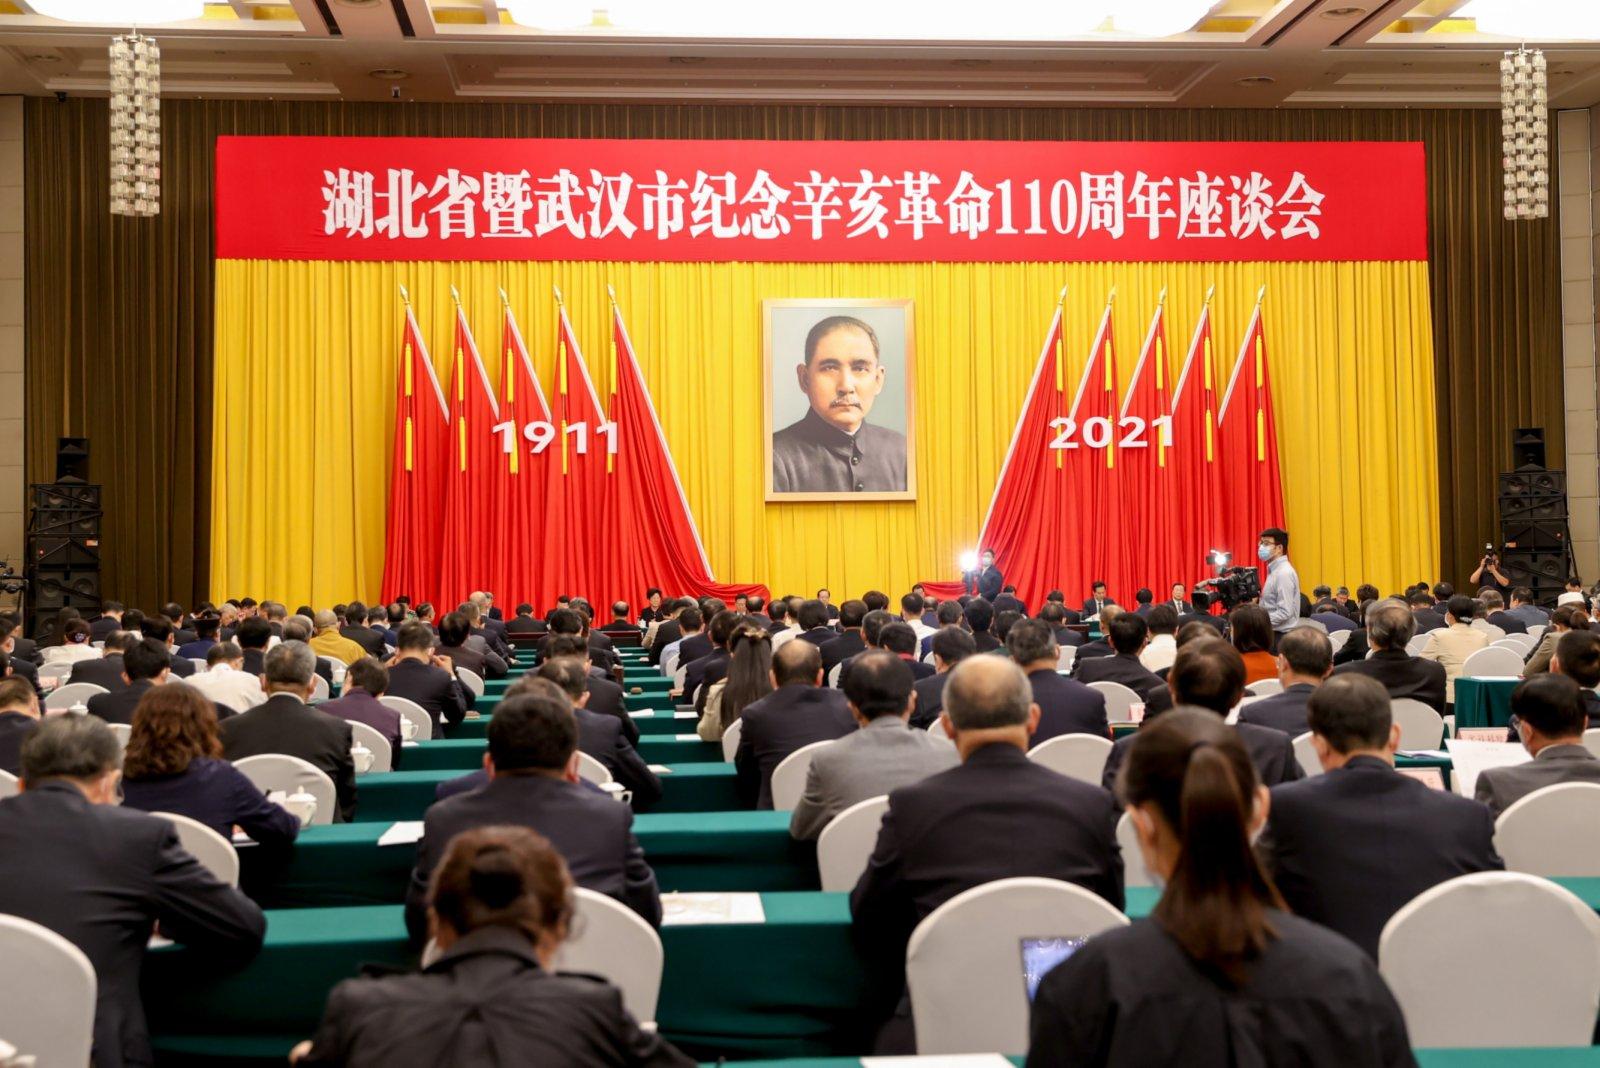 10月9日下午,湖北省暨武漢市紀念辛亥革命110周年座談會在東湖國際會議中心舉行。湖北各界人士、部分港澳台同胞以及辛亥革命志士後裔等出席大會。 中新社